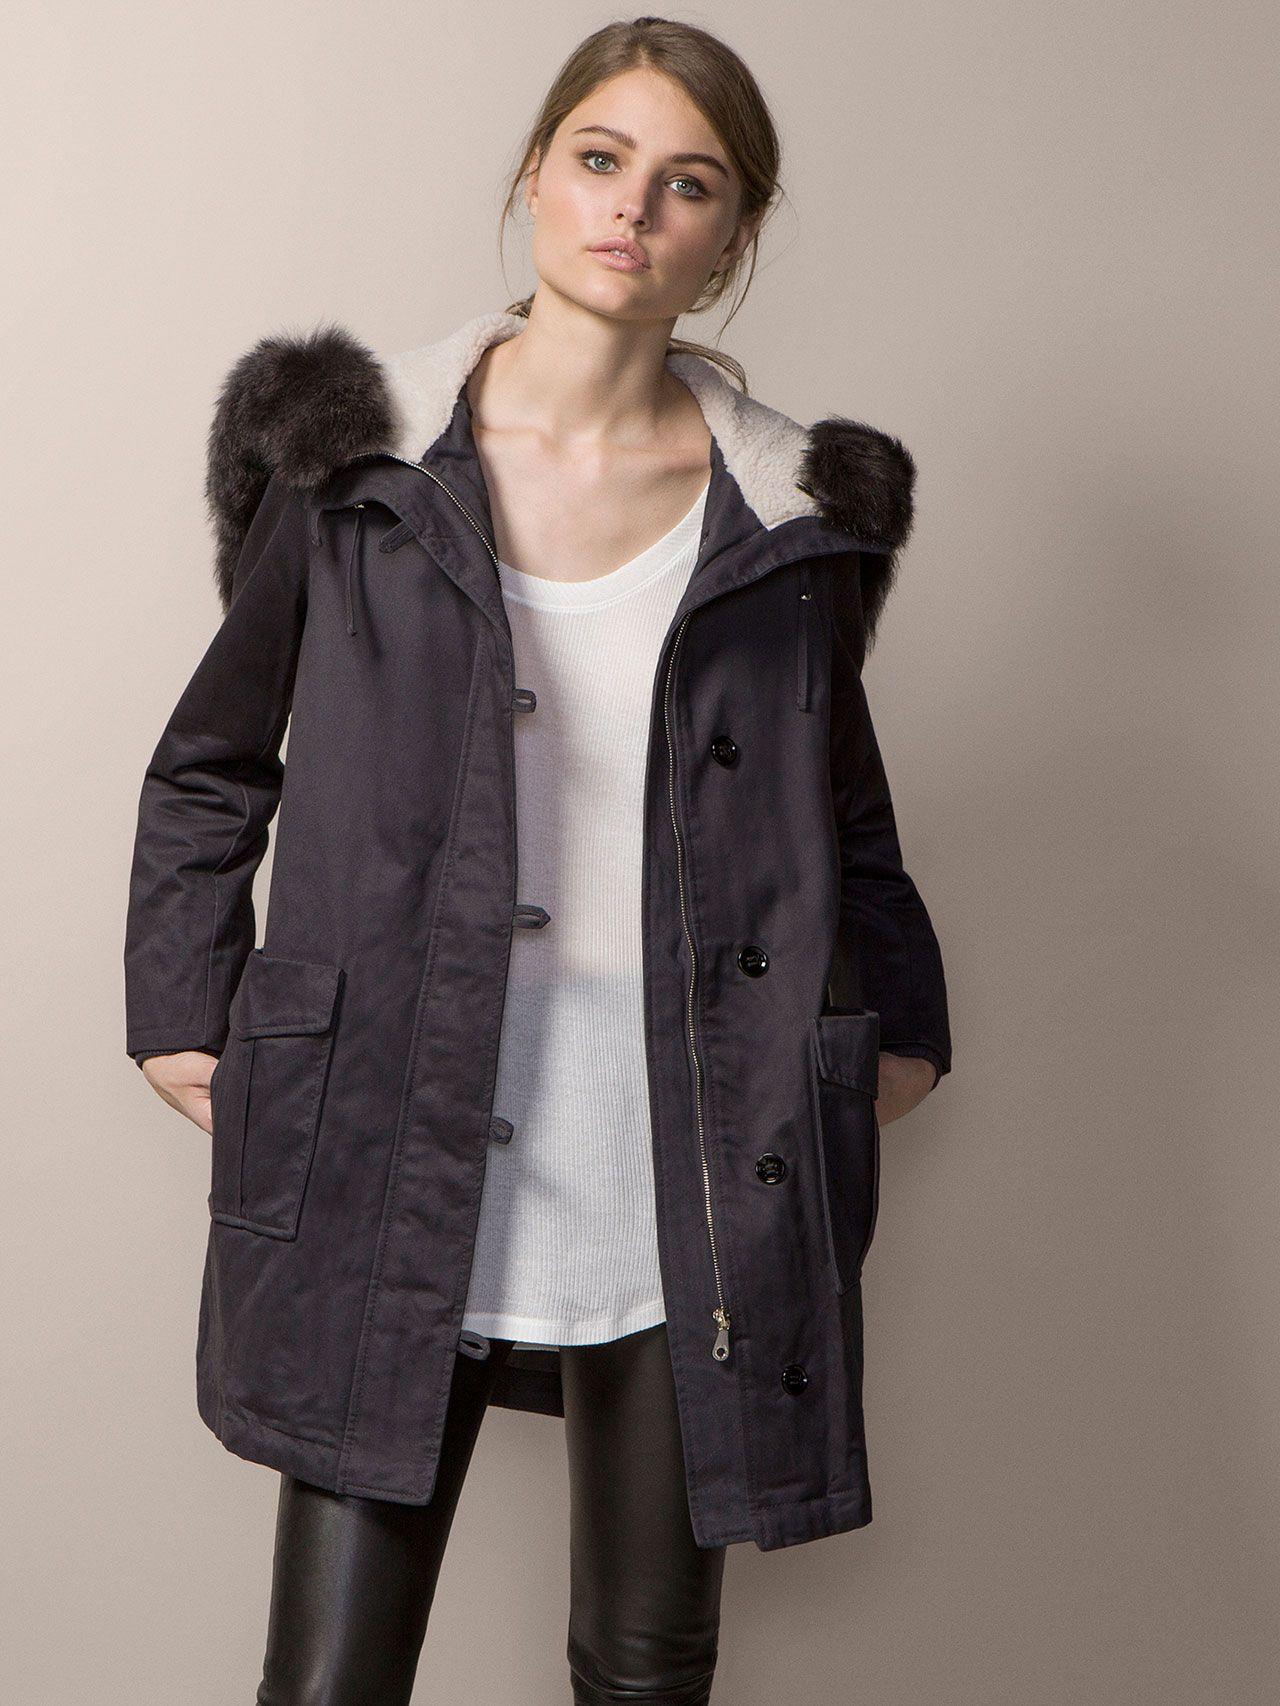 Chaqueta de invierno 2015 abrigo de invierno mujeres